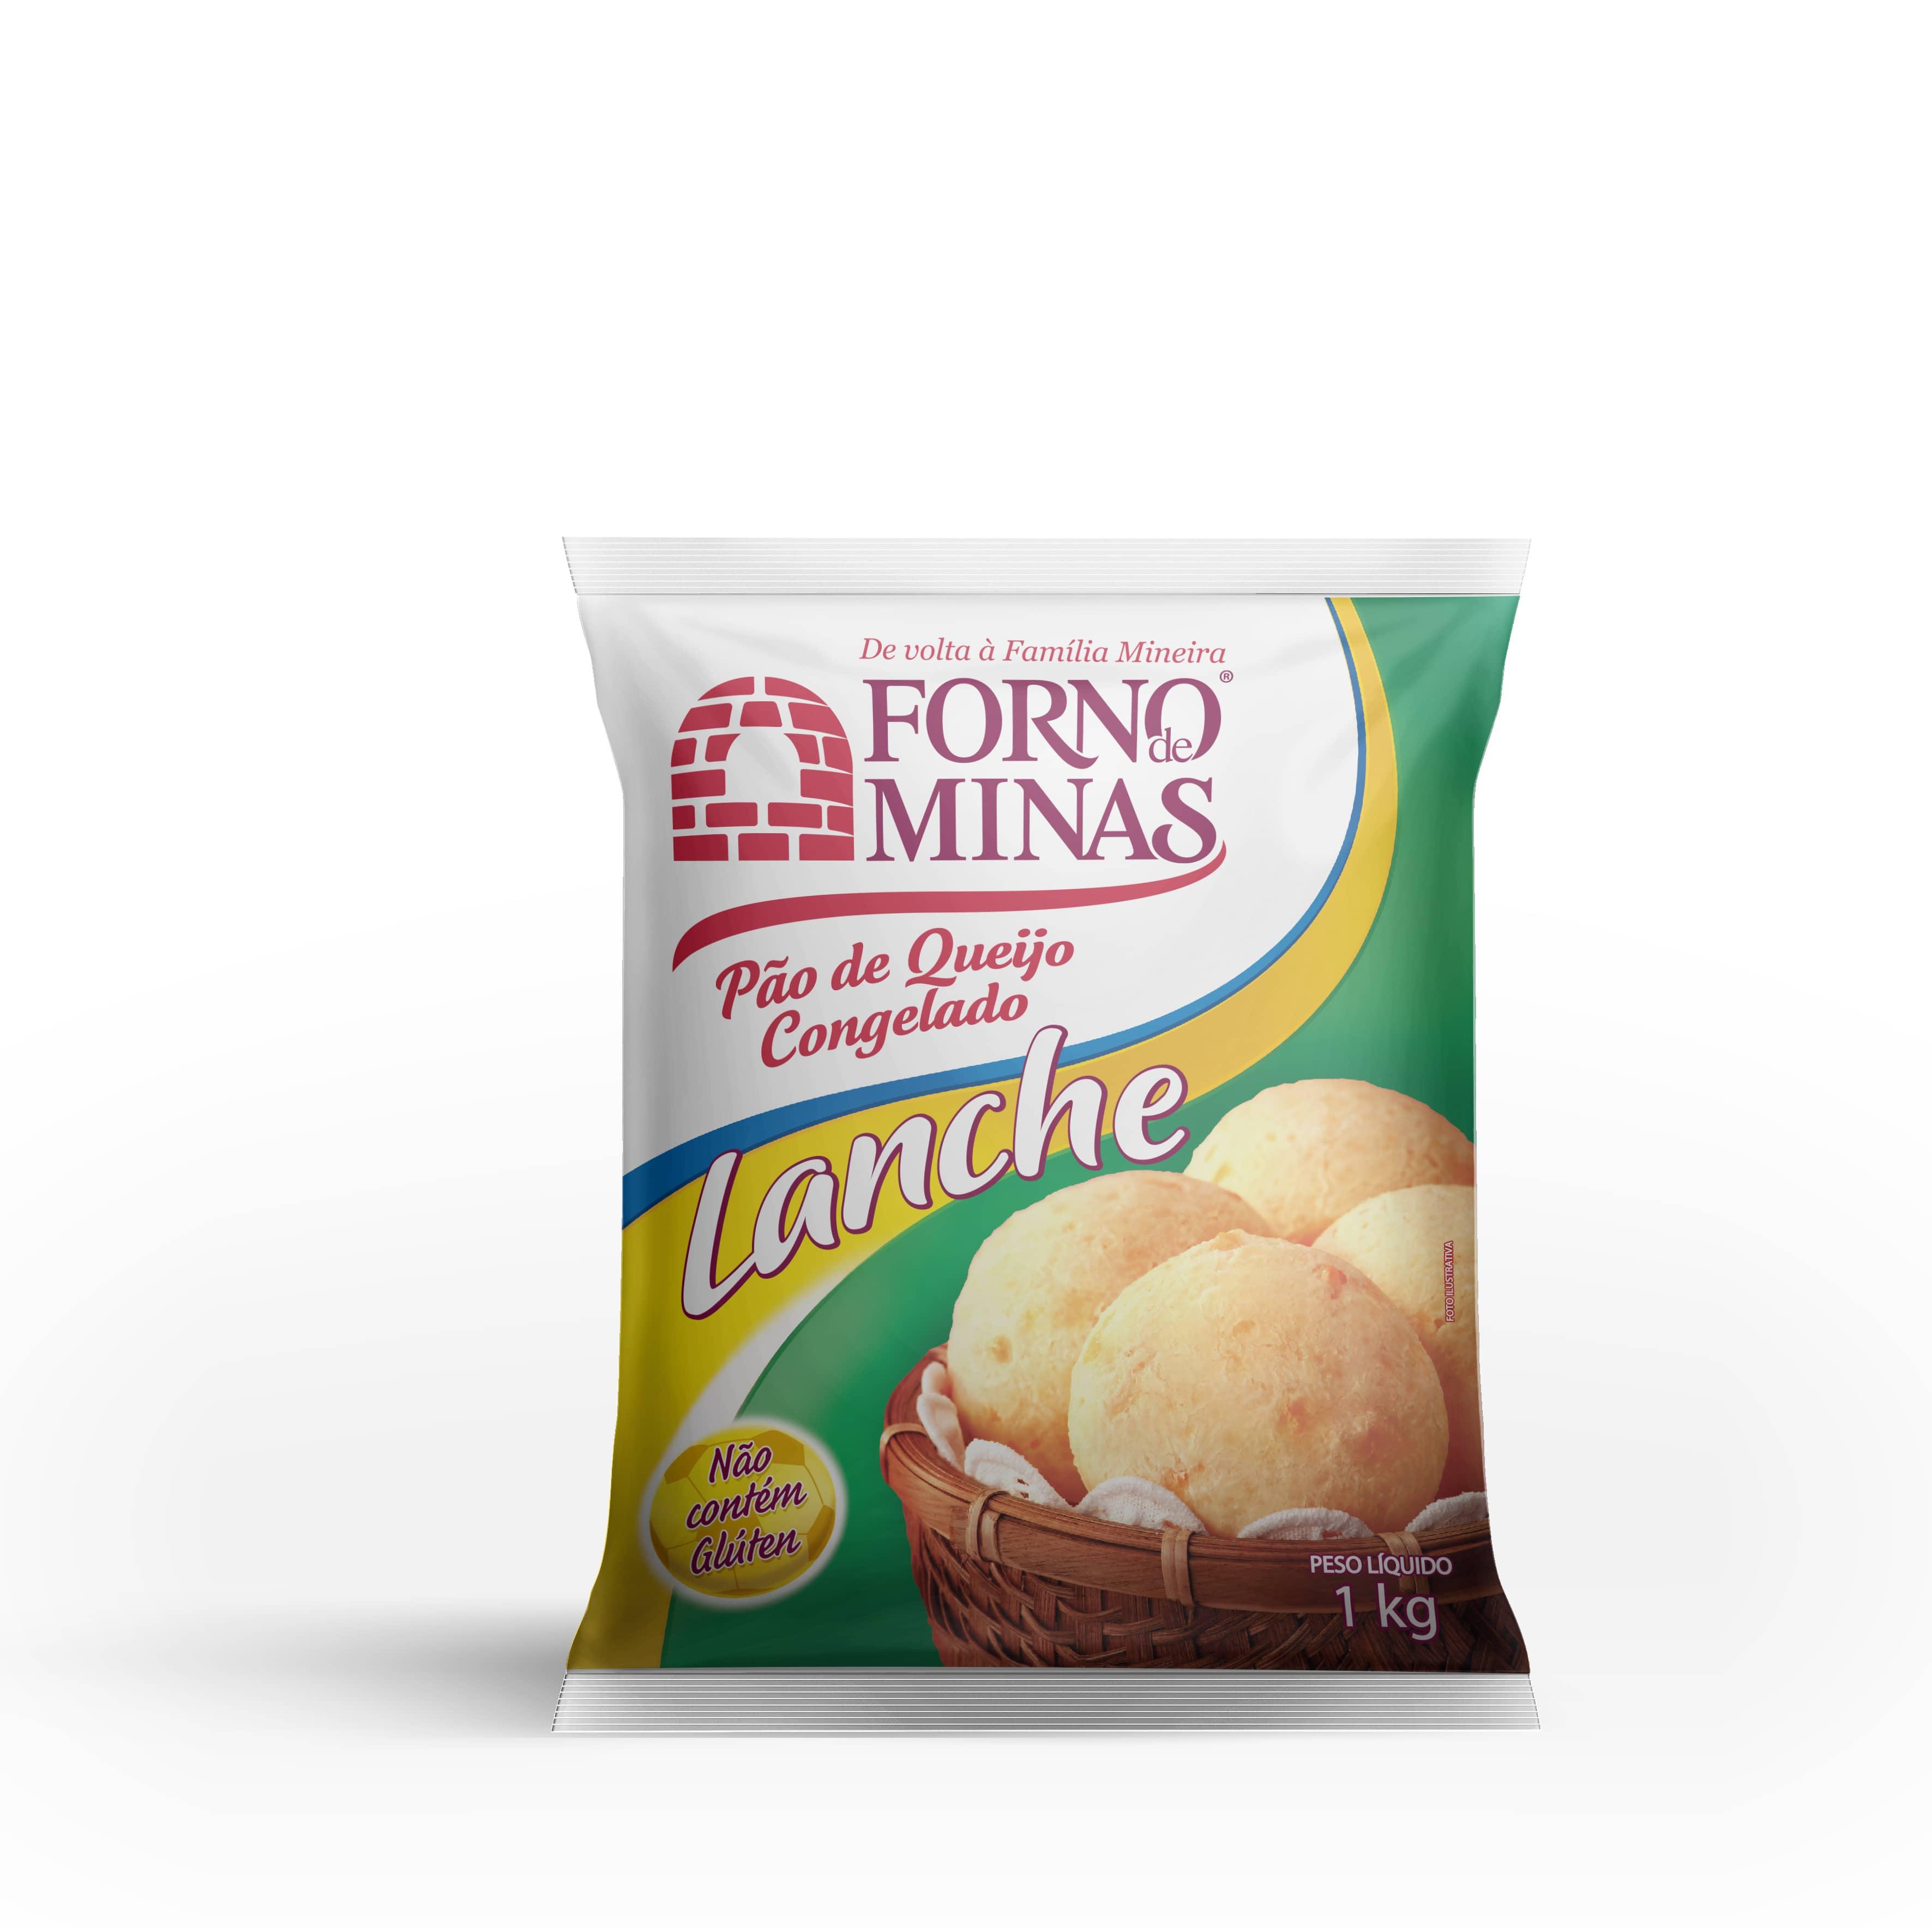 Forno-de-Minas_Pao-de-Queijo-Lanche_Edicao-COPA